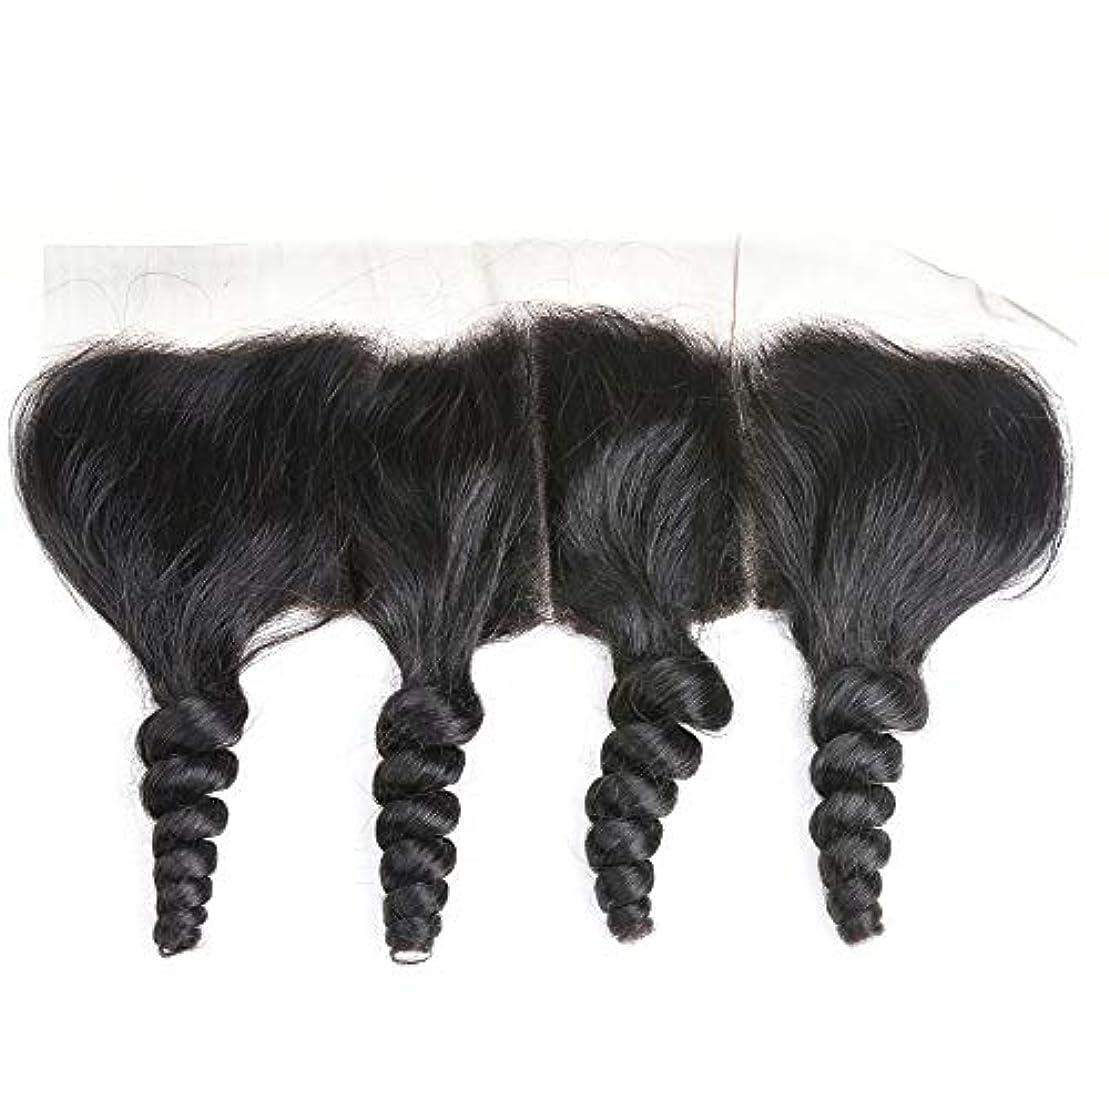 浴神子犬WASAIO ブラジルの人間の髪の毛のレースの正面閉鎖ルーズウェーブ13 x 4インチレース閉鎖自然色 (色 : 黒, サイズ : 10 inch)